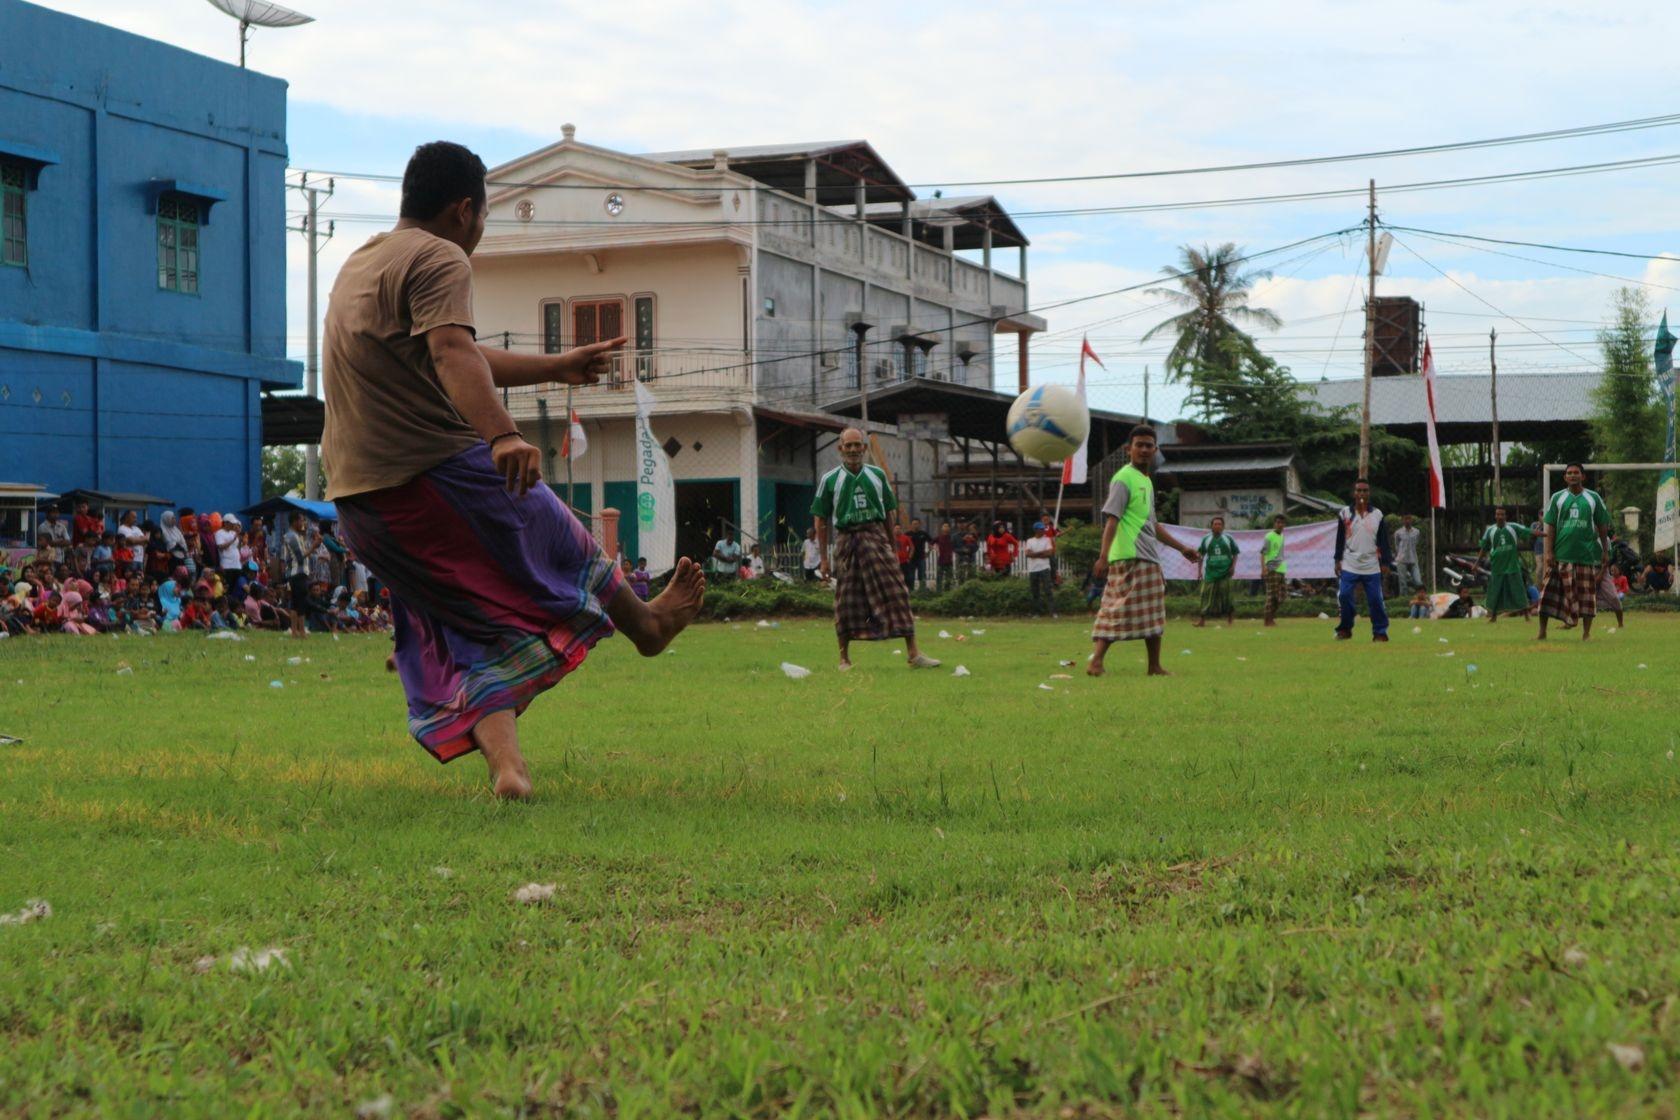 تصاویر | فوتبال مردان اندونزی با دامنهای سنتی